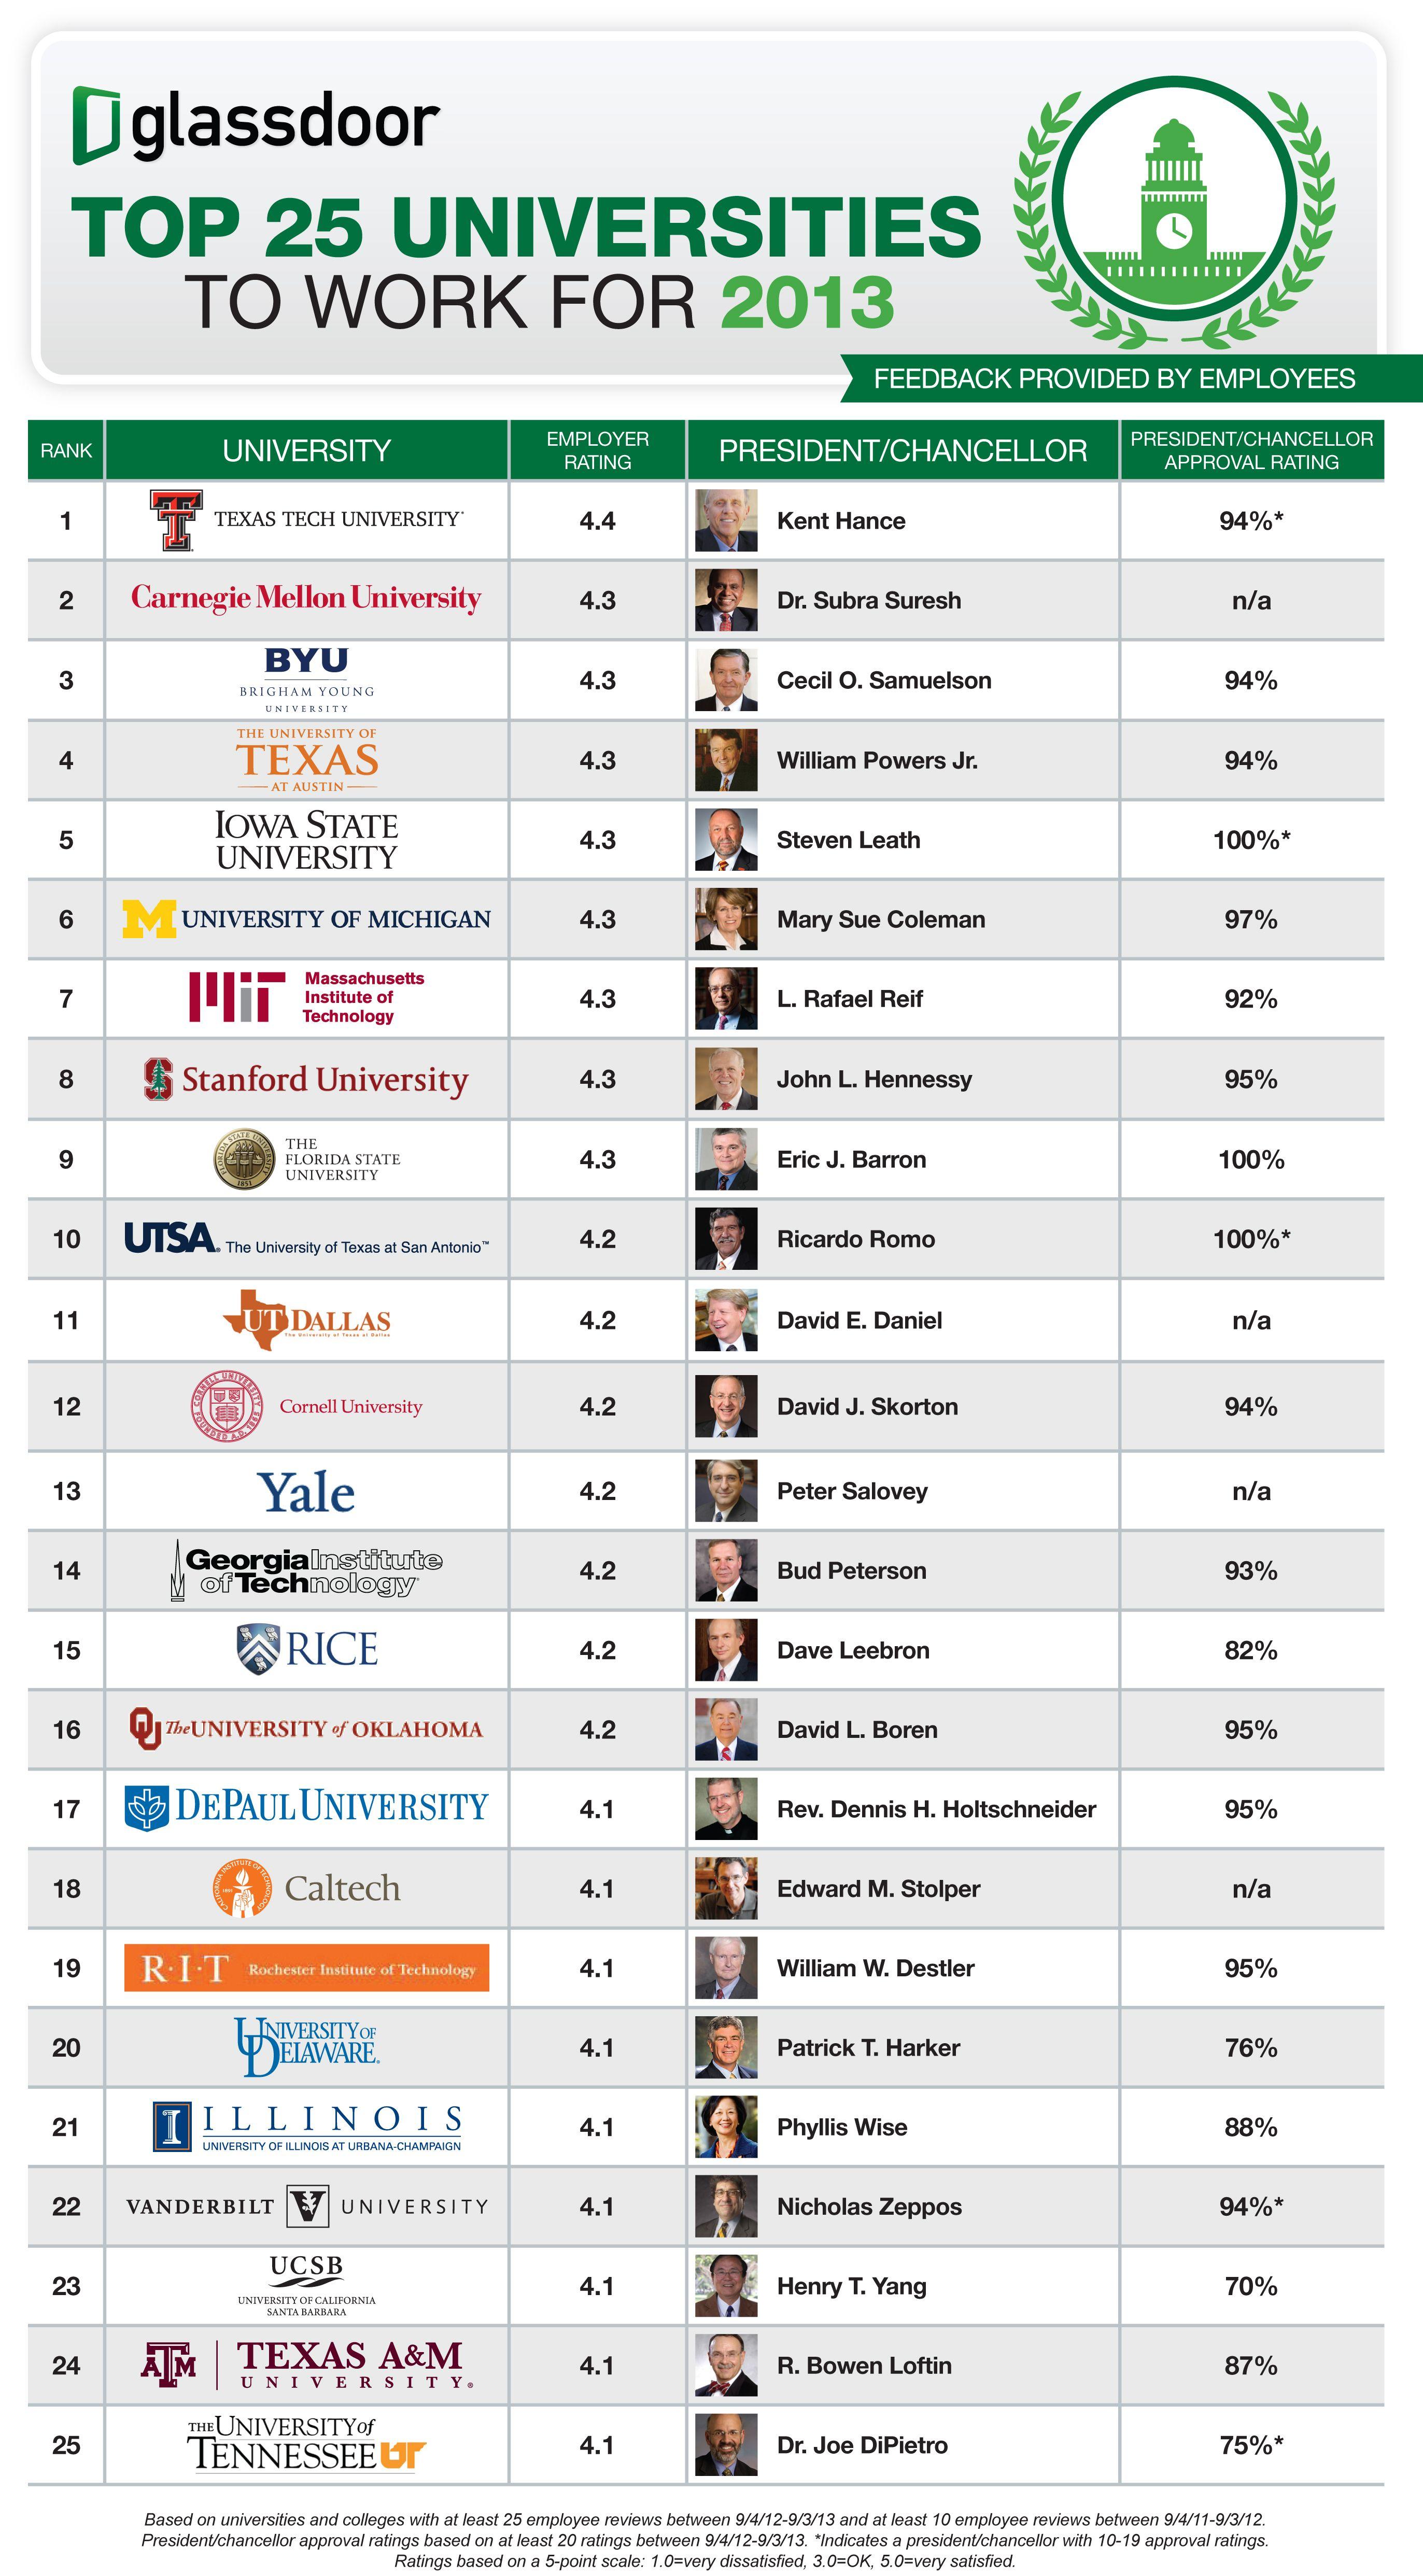 Glassdoor's Top 25 Universities To Work For (2013) (With